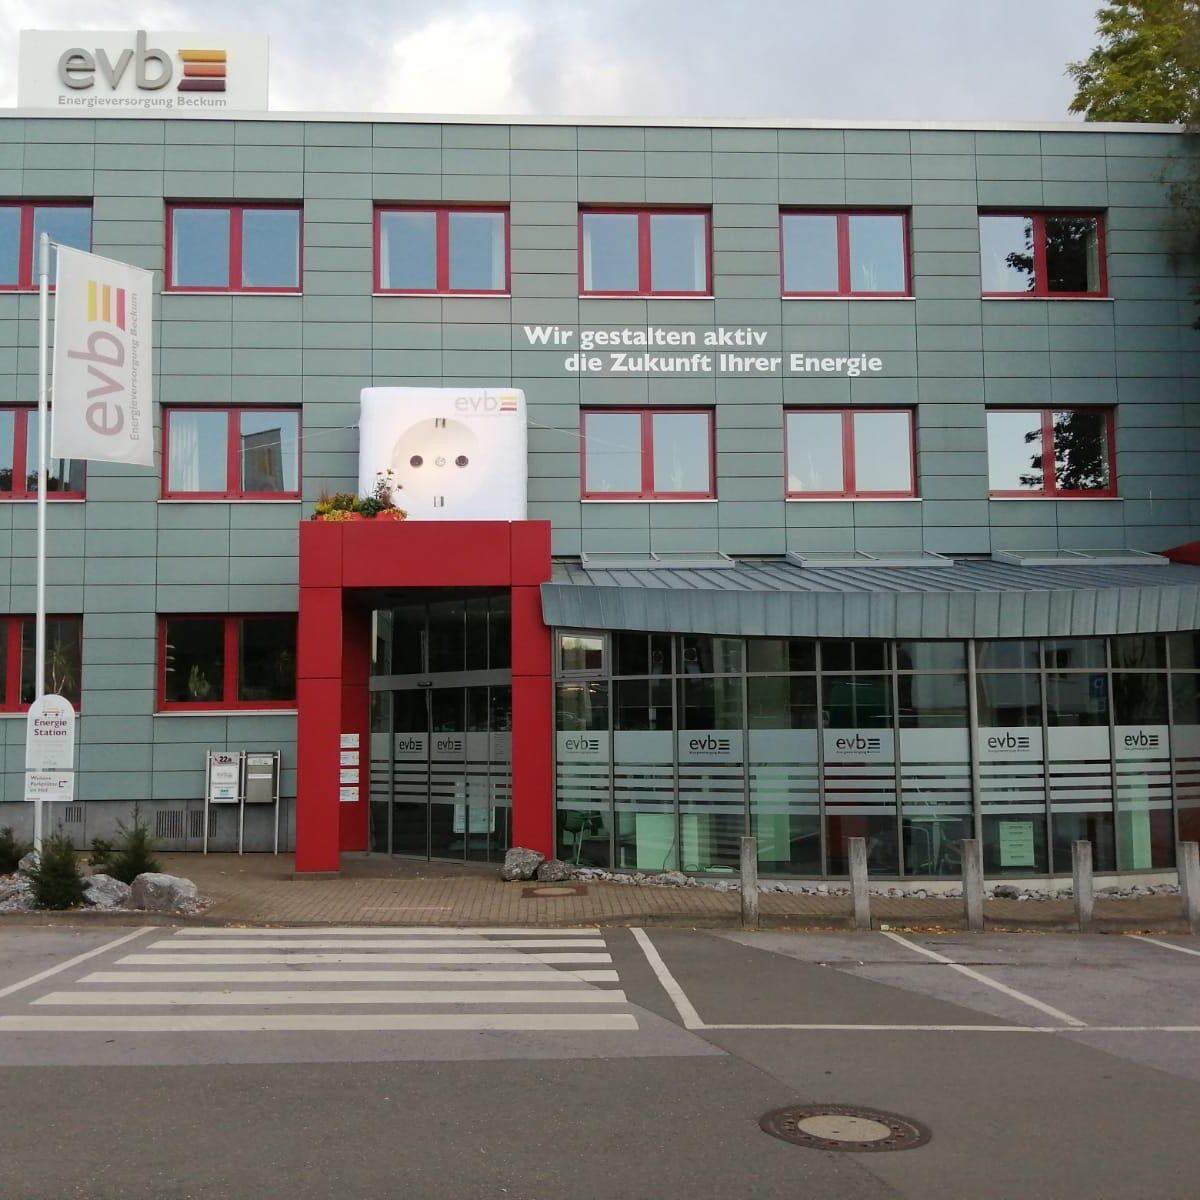 Foto evb-Gebäude